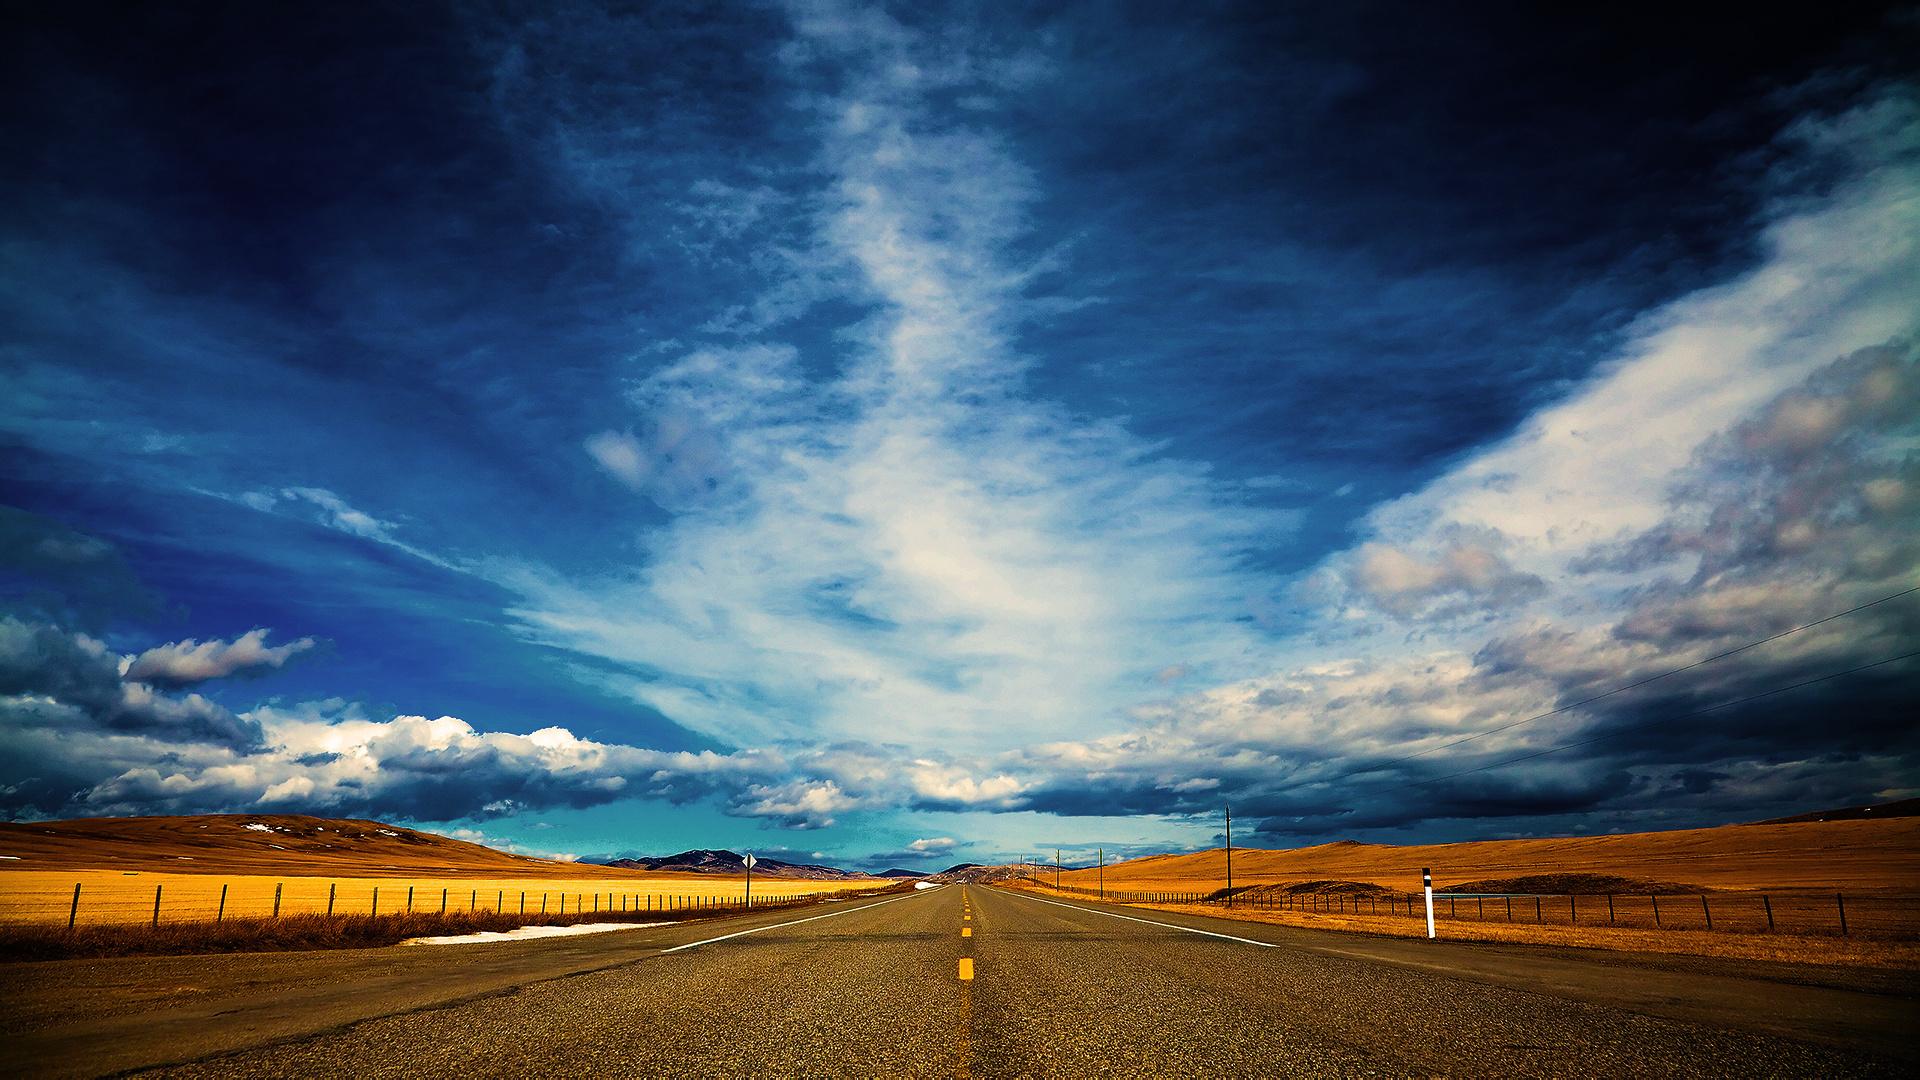 20449 скачать обои Пейзаж, Небо, Дороги - заставки и картинки бесплатно